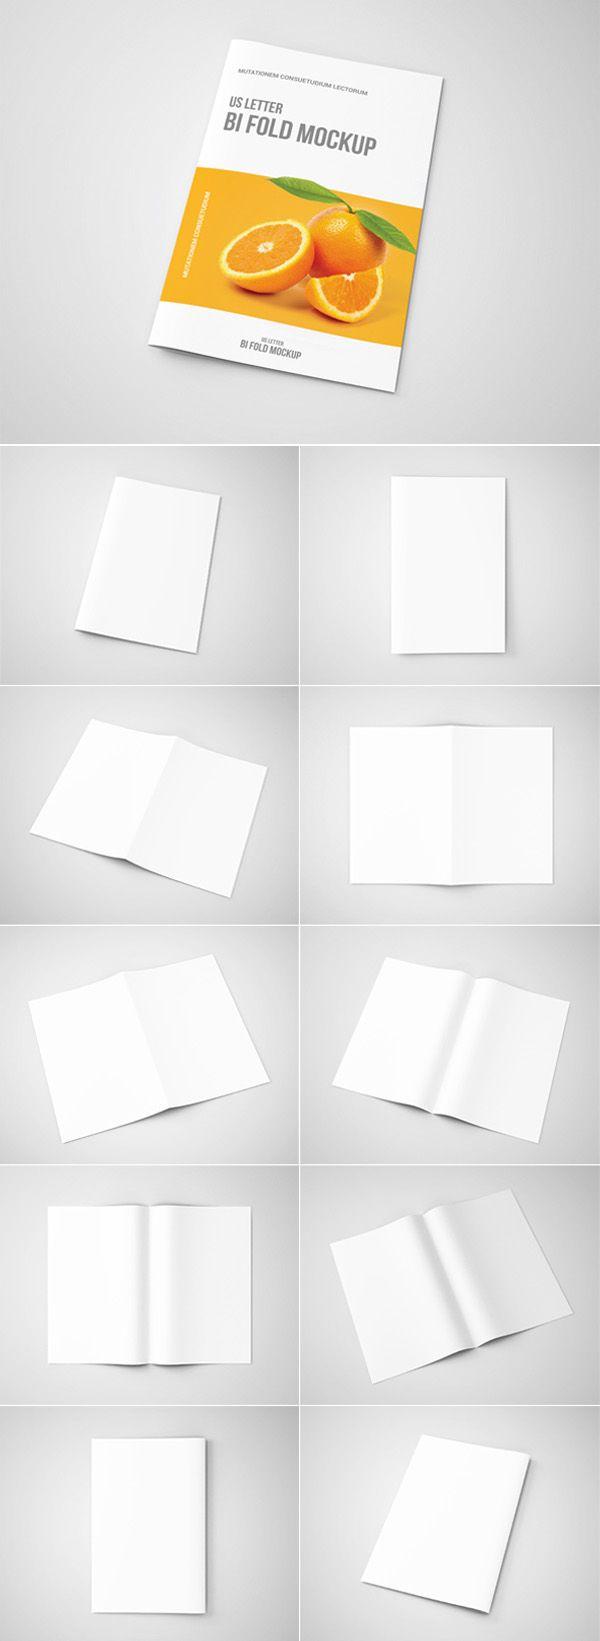 Bi fold brochure mock up us letter psd mockups product for Brochure mockup template